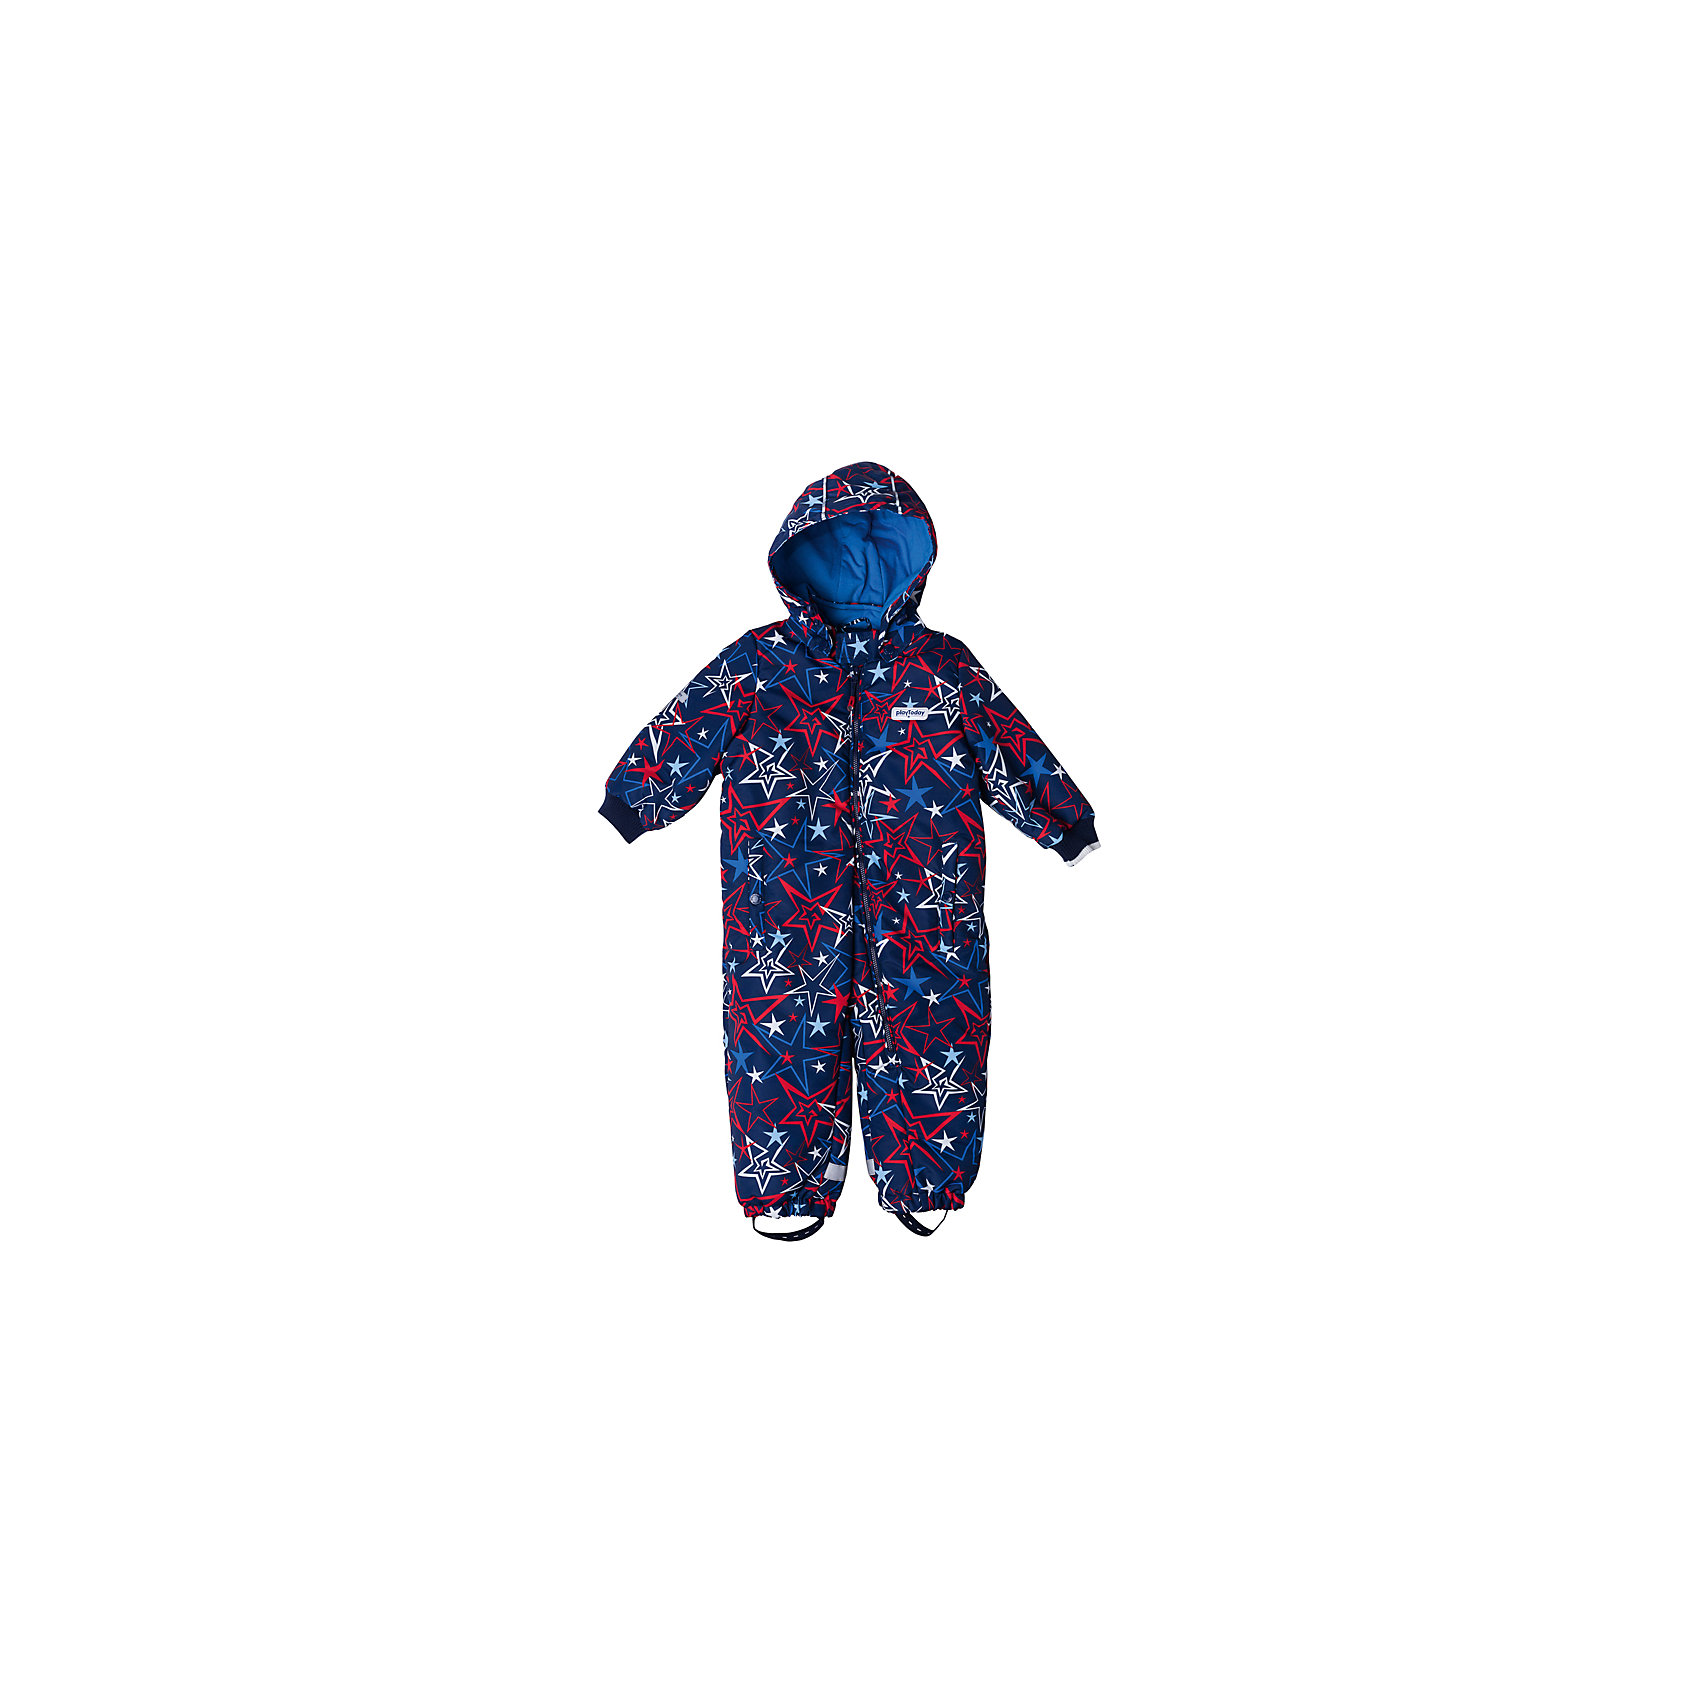 Комбинезон PlayToday для мальчикаВерхняя одежда<br>Характеристики товара:<br><br>• цвет: синий<br>• состав: 100% полиэстер<br>• подкладка: 80% хлопок, 20% полиэстер<br>• утеплитель: 100% полиэстер, 150 г/м2<br>• температурный режим: от +0°С до +15°С<br>• сезон: демисезон<br>• с текстильными штрипкками для фиксации обуви<br>• защита подбородка от молнии<br>• ассиметричная молний<br>• эластичные манжеты<br>• светоотражающие элементы<br>• капюшон<br>• страна бренда: Германия<br>• страна производства: Китай<br><br>Утепленный комбинезон прекрасно подойдет для холодной ветреной погоды. Ассиметричное расположение застежки - молнии позволит легко снимать и одевать данное изделие. Натуральный материал подкладки приятен к телу. Специальный карман для застежки молнии не позволит застежке травмировать нежную кожу ребенка. <br><br>Низ брючин и манжеты на мягких резинках для дополнительного сохранения тепла. Модель со специальными резинками для фиксации обуви. Комбинезон со специальными светоотражающими элементами. Ваш ребенок будет виден в темное время суток.<br><br>Комбинезон для мальчика от известного бренда PlayToday можно купить в нашем интернет-магазине.<br><br>Ширина мм: 157<br>Глубина мм: 13<br>Высота мм: 119<br>Вес г: 200<br>Цвет: белый<br>Возраст от месяцев: 12<br>Возраст до месяцев: 15<br>Пол: Мужской<br>Возраст: Детский<br>Размер: 80,74,86,92<br>SKU: 5407685